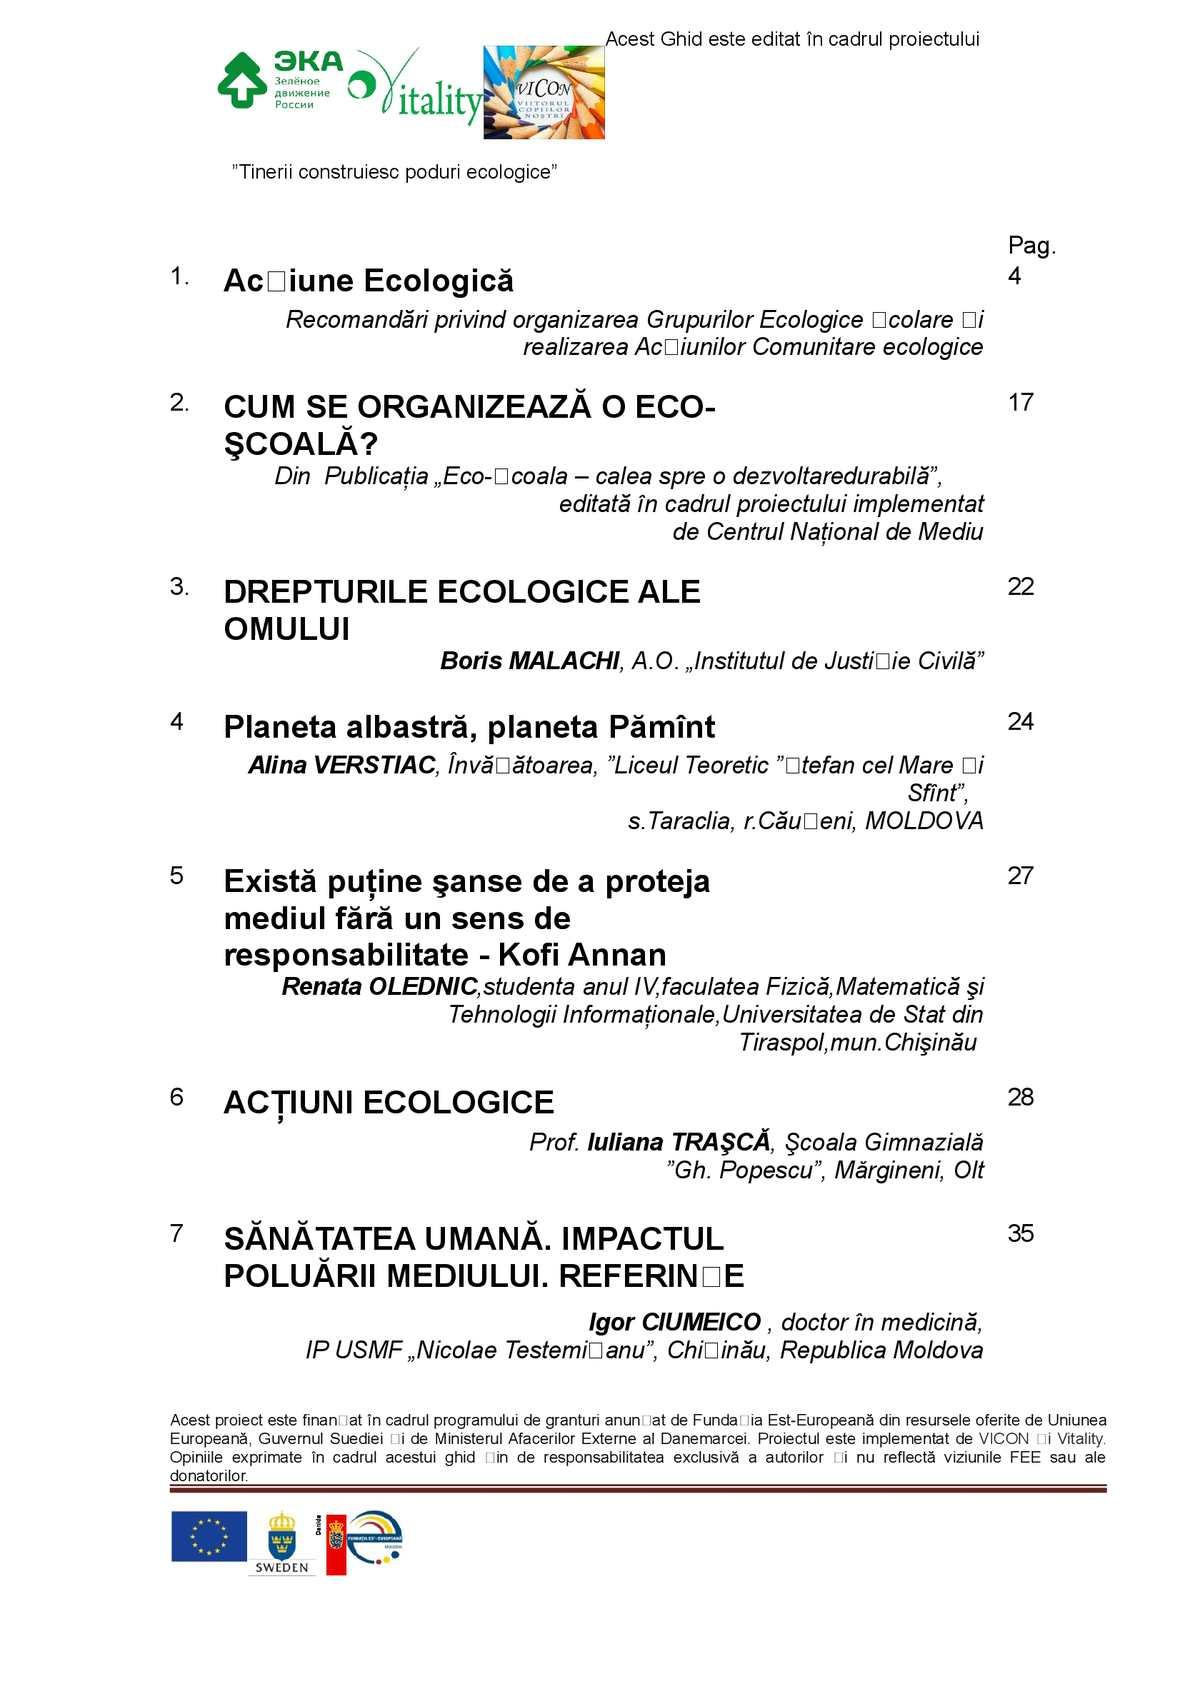 OPINIE/ Dreptul la un mediu sănătos și sigur în contextul Dezvoltării Durabile - Ecopresa